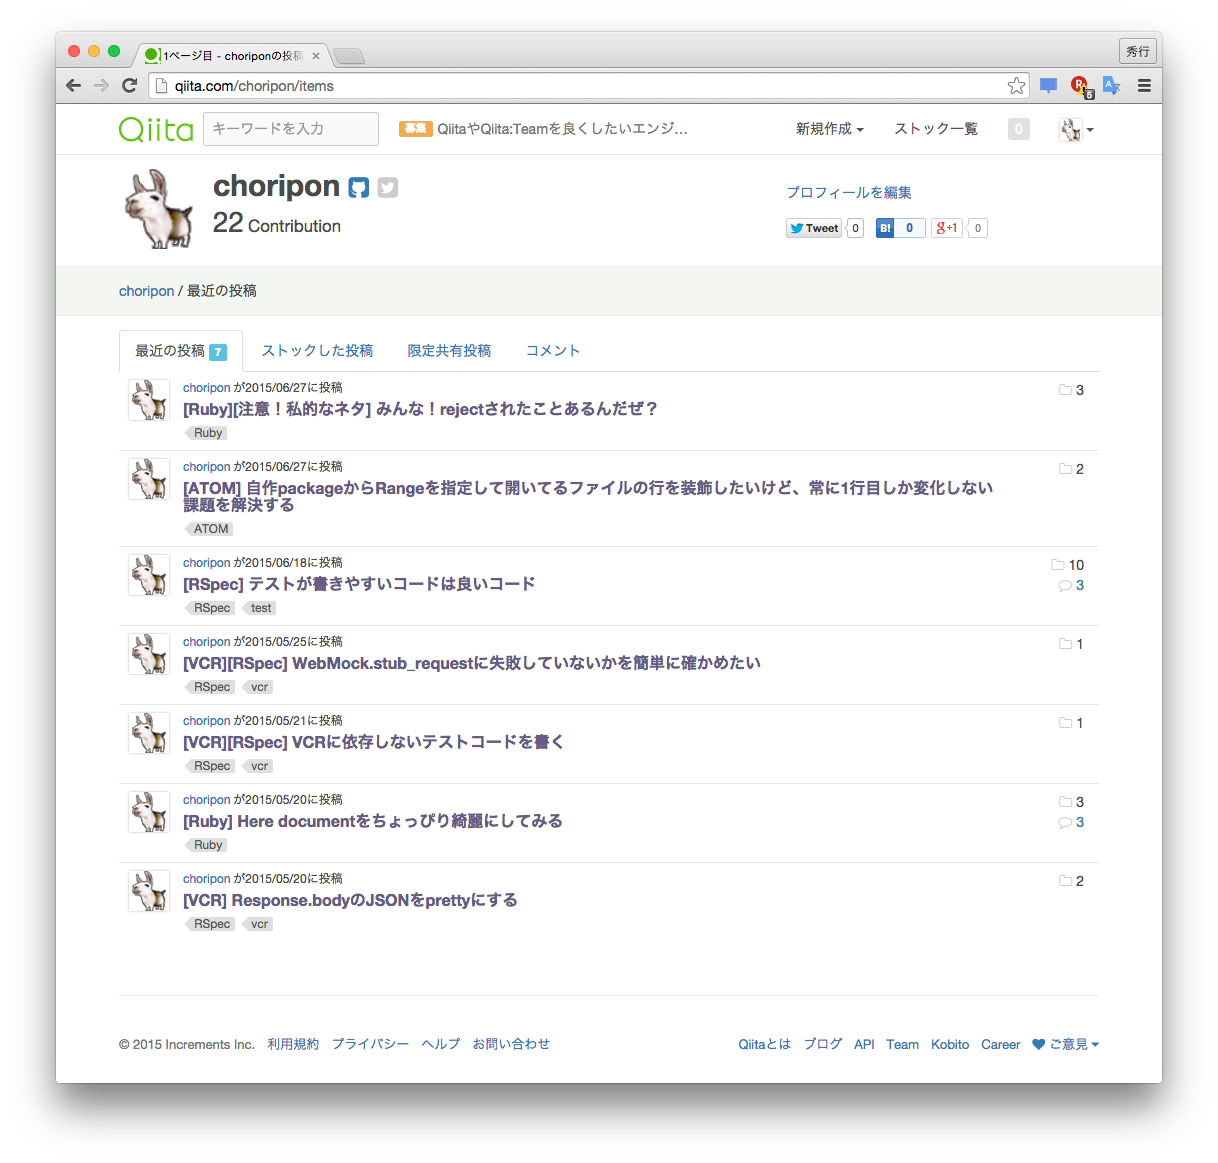 matsuyama01